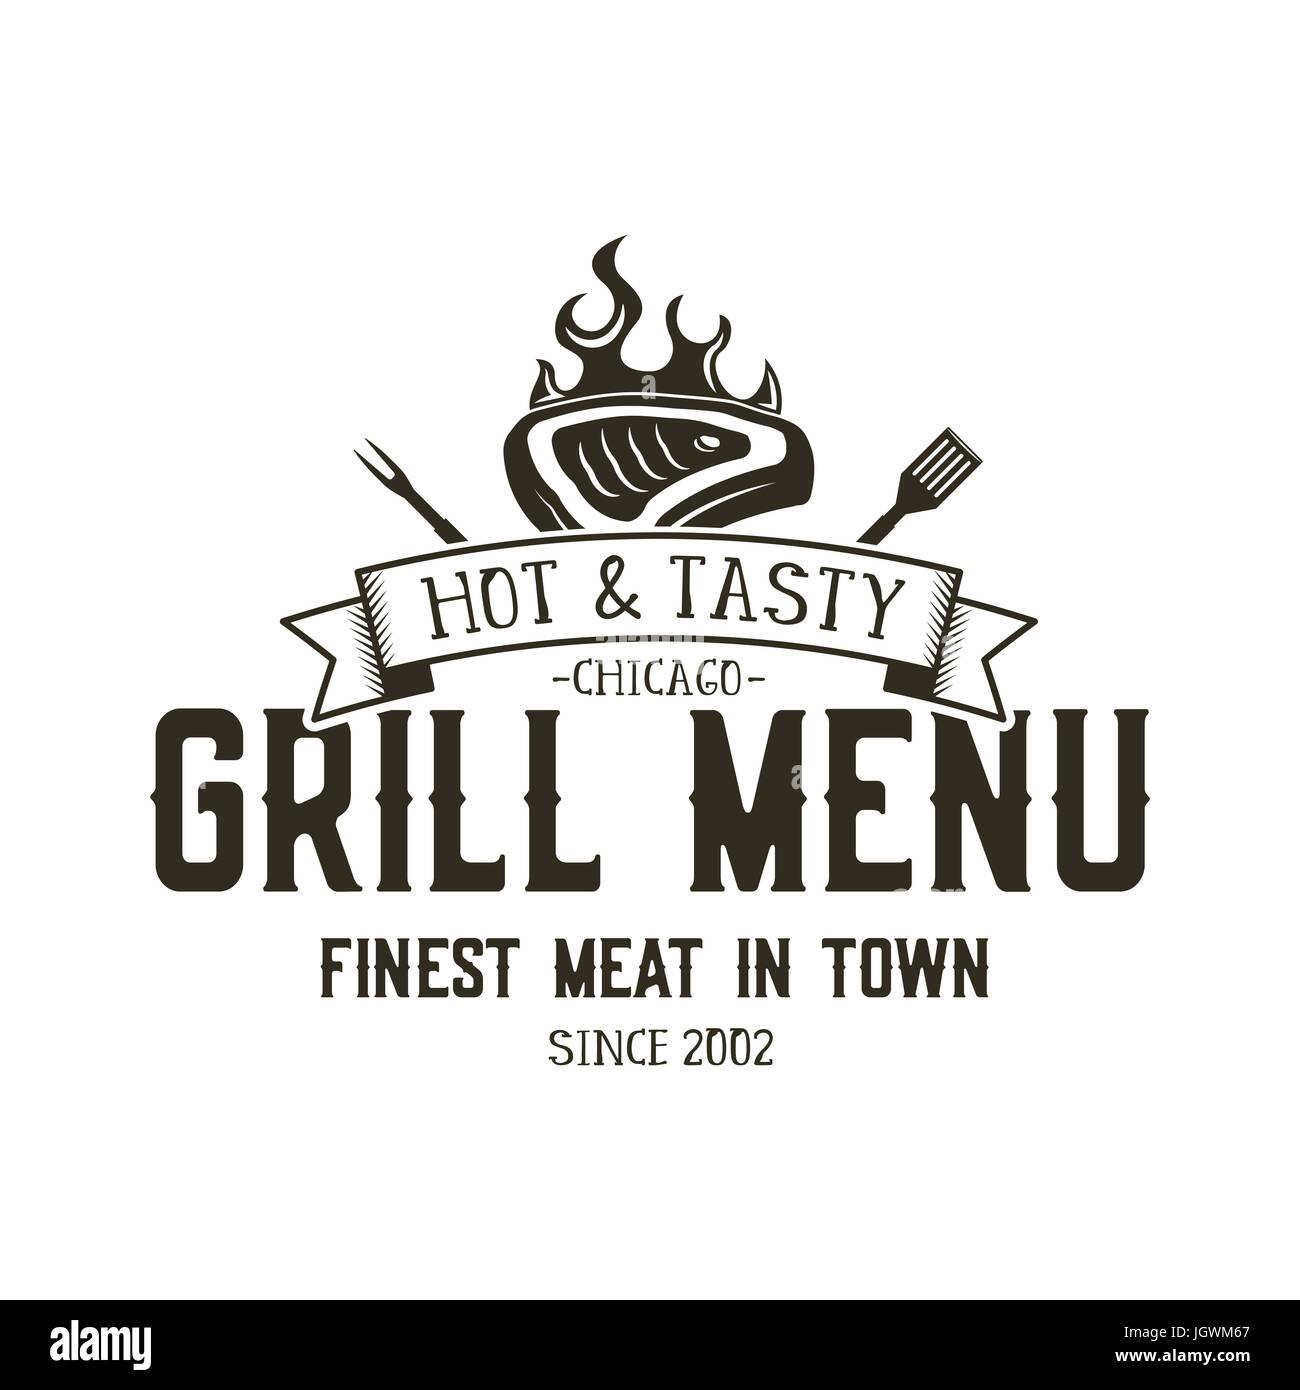 Grill menu emblem template steak house restaurant logo